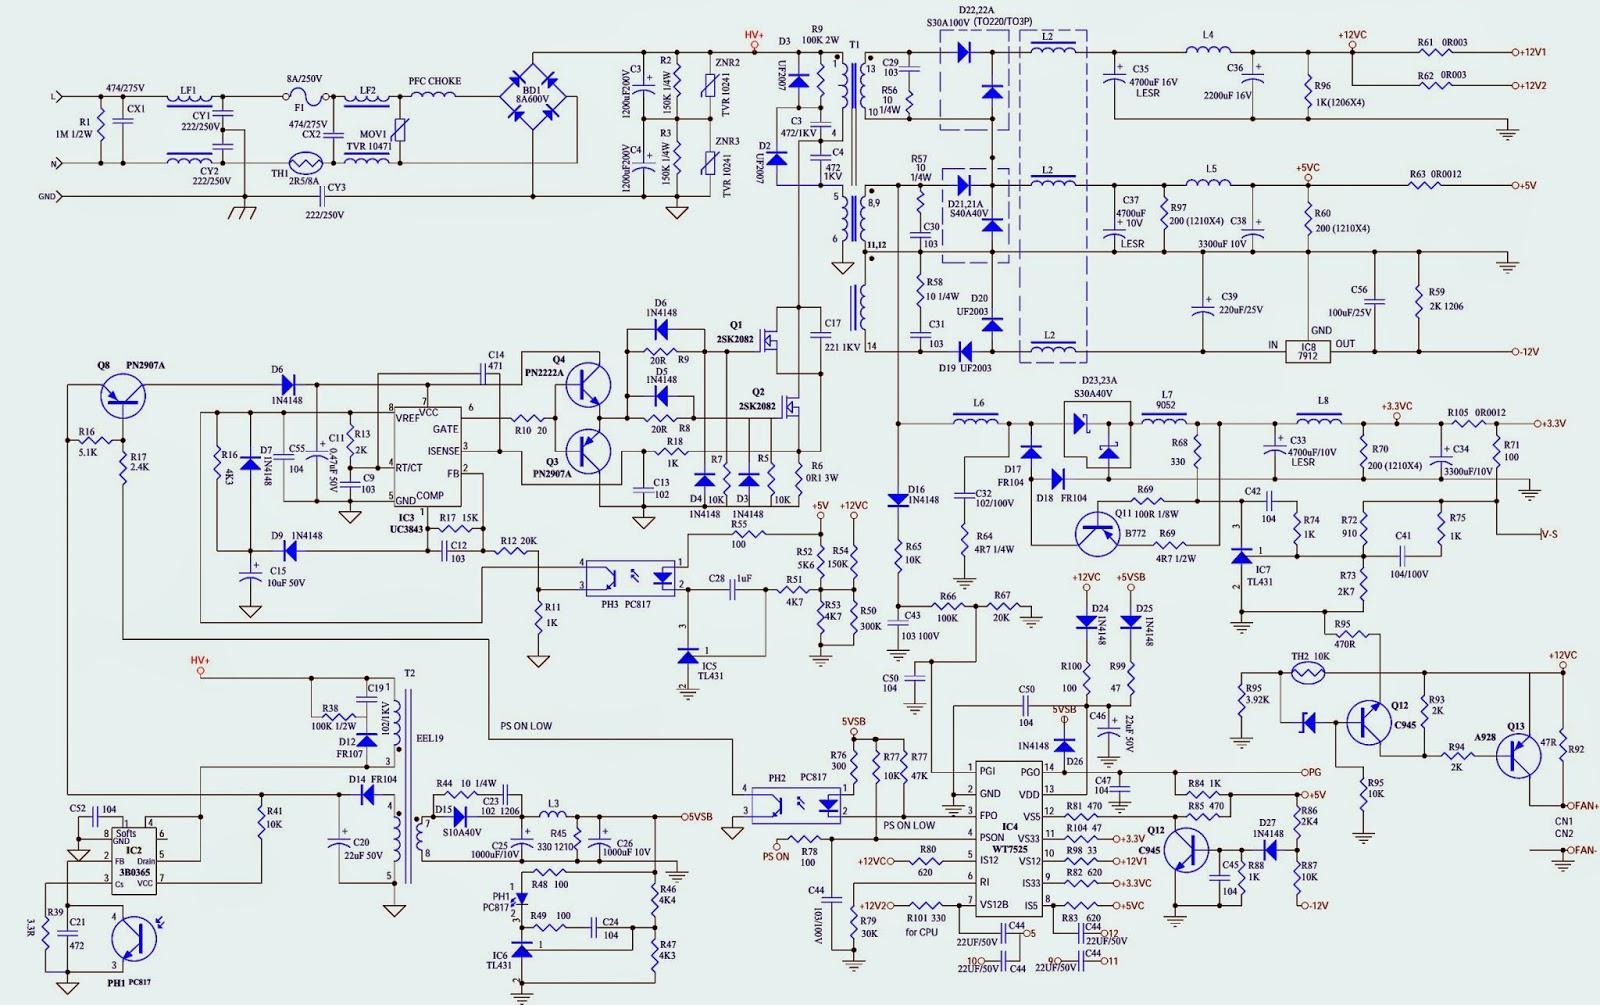 desktop atx power supply schematics - utiek atx600t ... atx power supply schematic diagram led power supply schematic